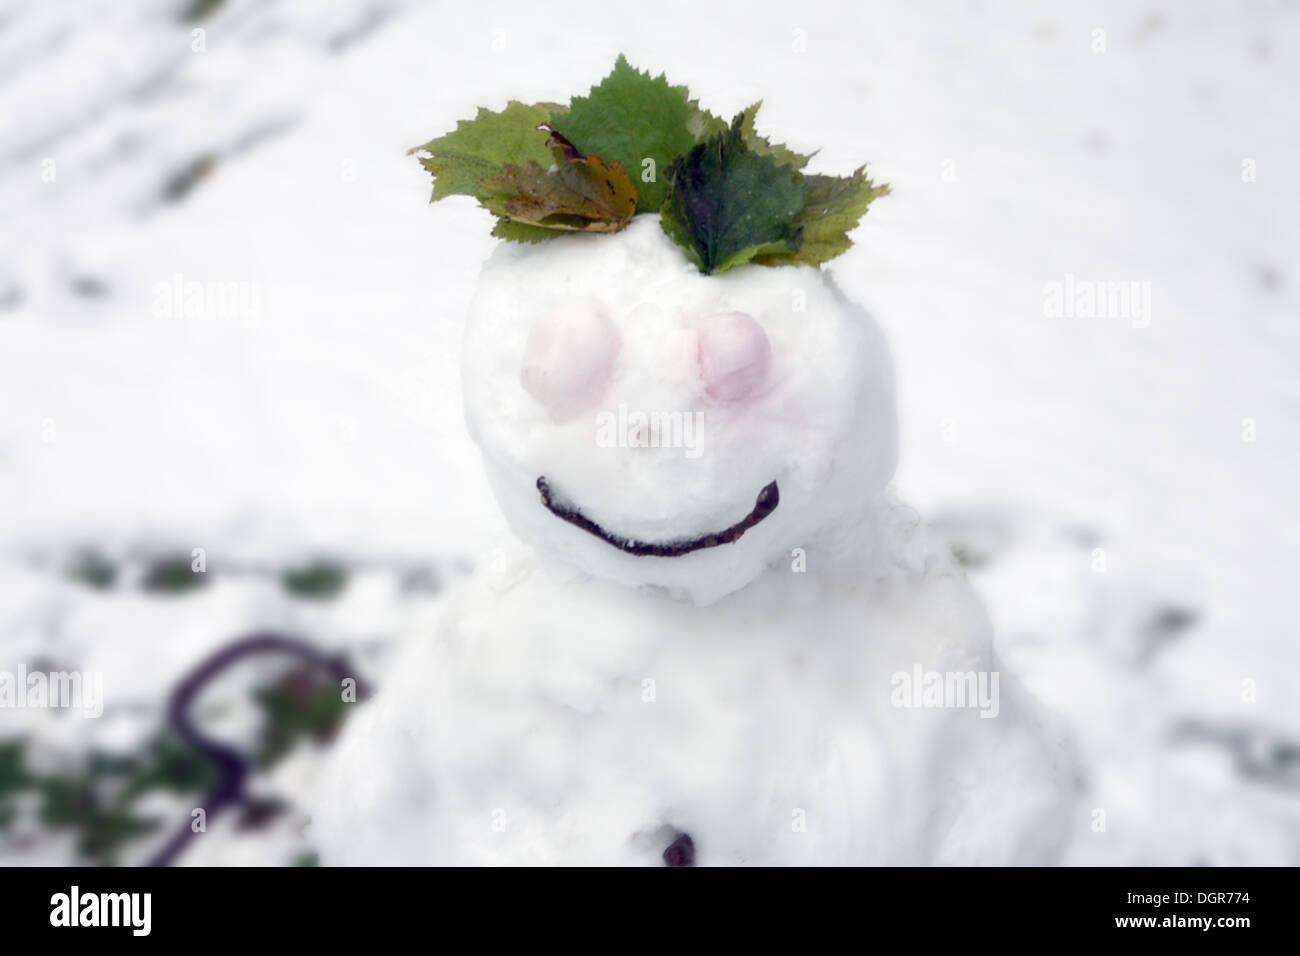 Schneemann Winter, weiss - Stock Image